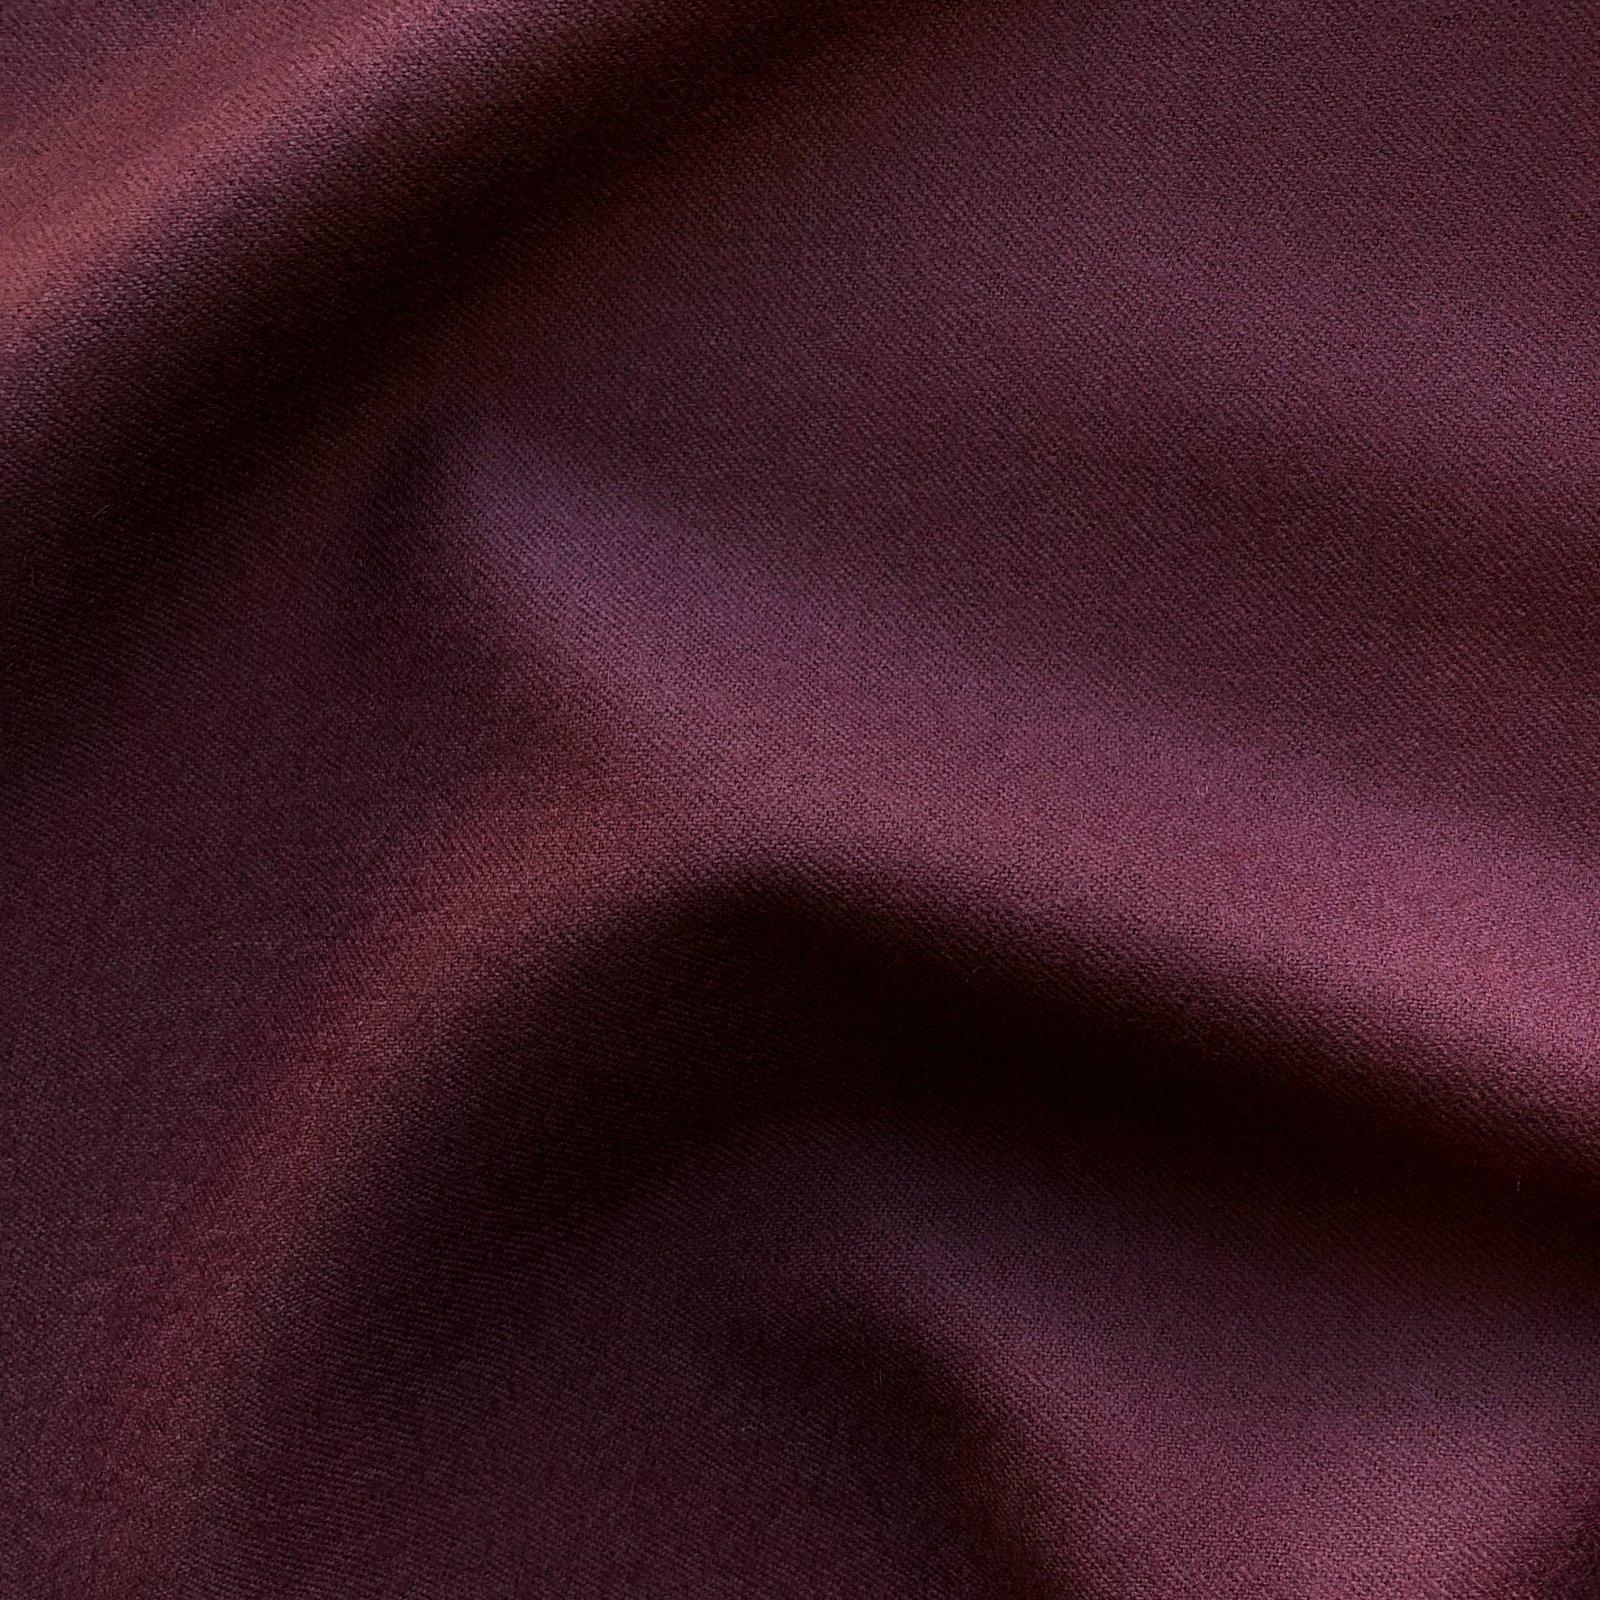 Italian Wool Gabardine - Burgundy